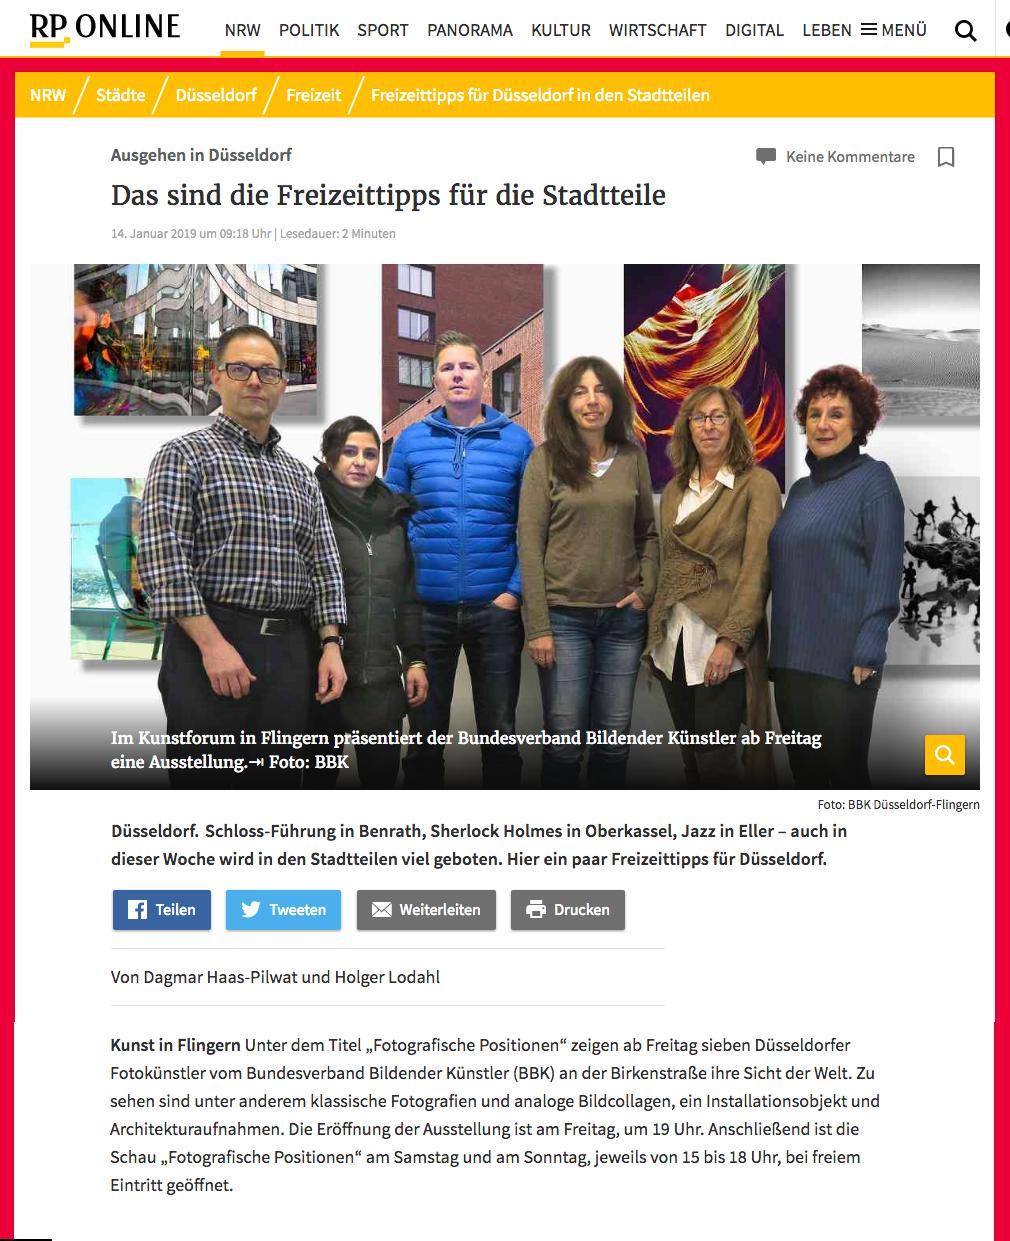 © Rheinische Post, Holger Lodahl und Dagmar Haas-Pilwat (Text), BBK (Foto), 14.01.2019